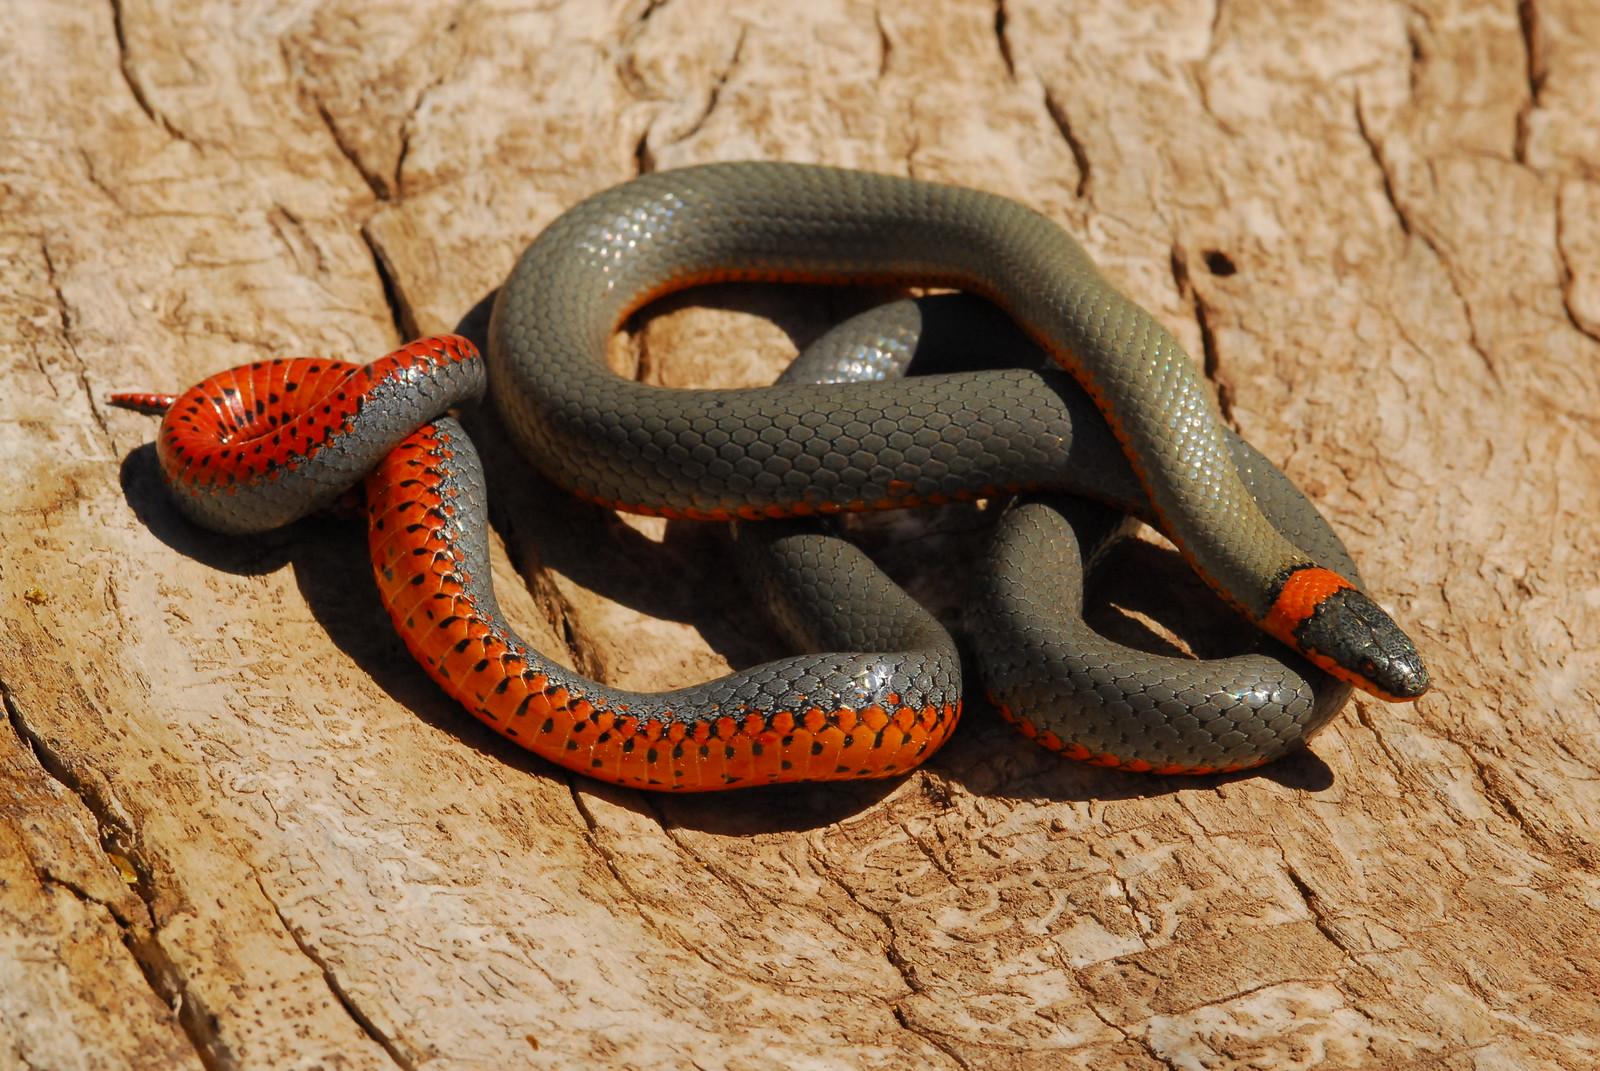 Ring-necked snake-AZGFD-GA-X3.jpg